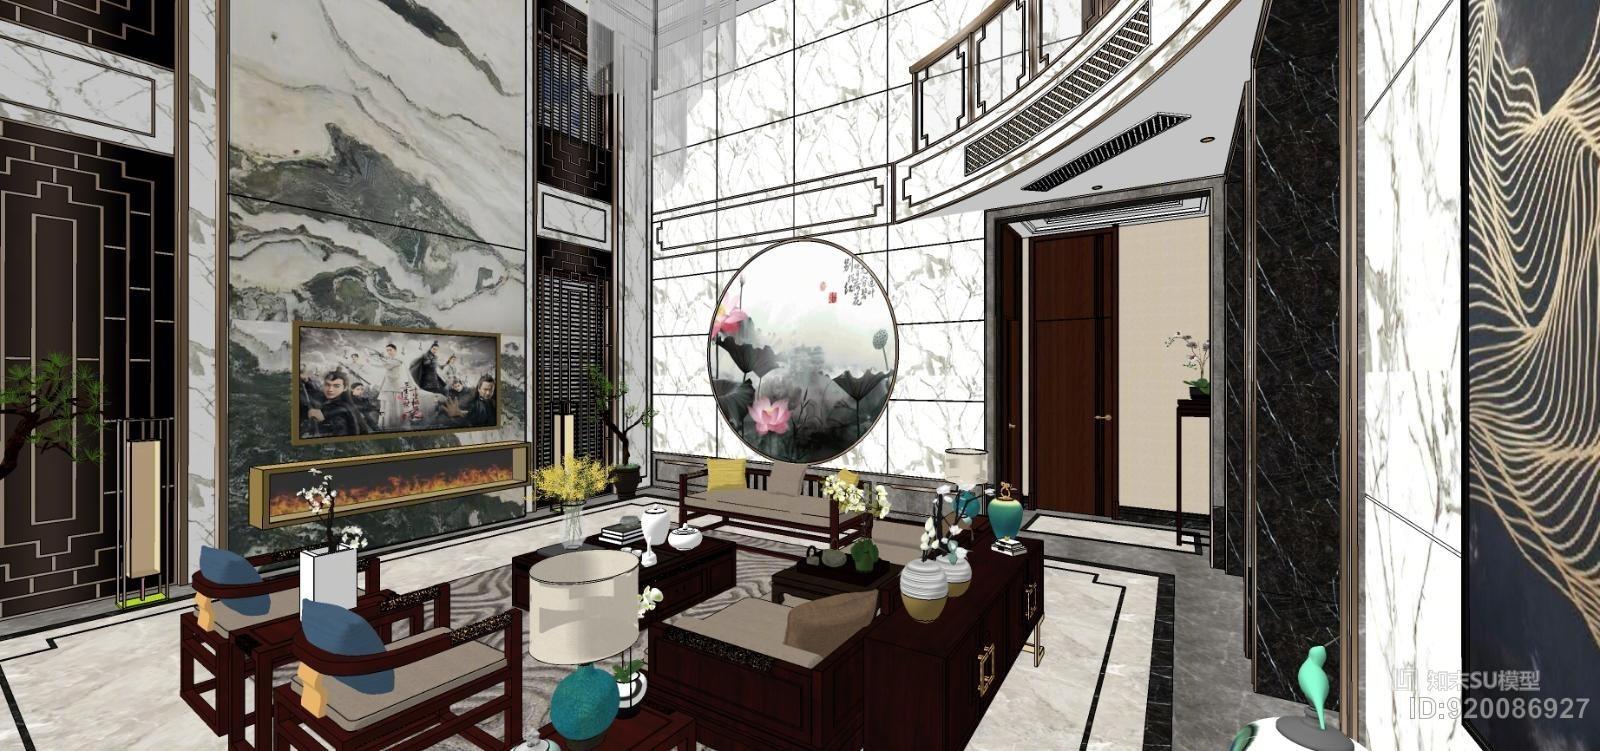 新中式客厅、玄关、草图模型。水晶吊灯、钛金不锈钢。